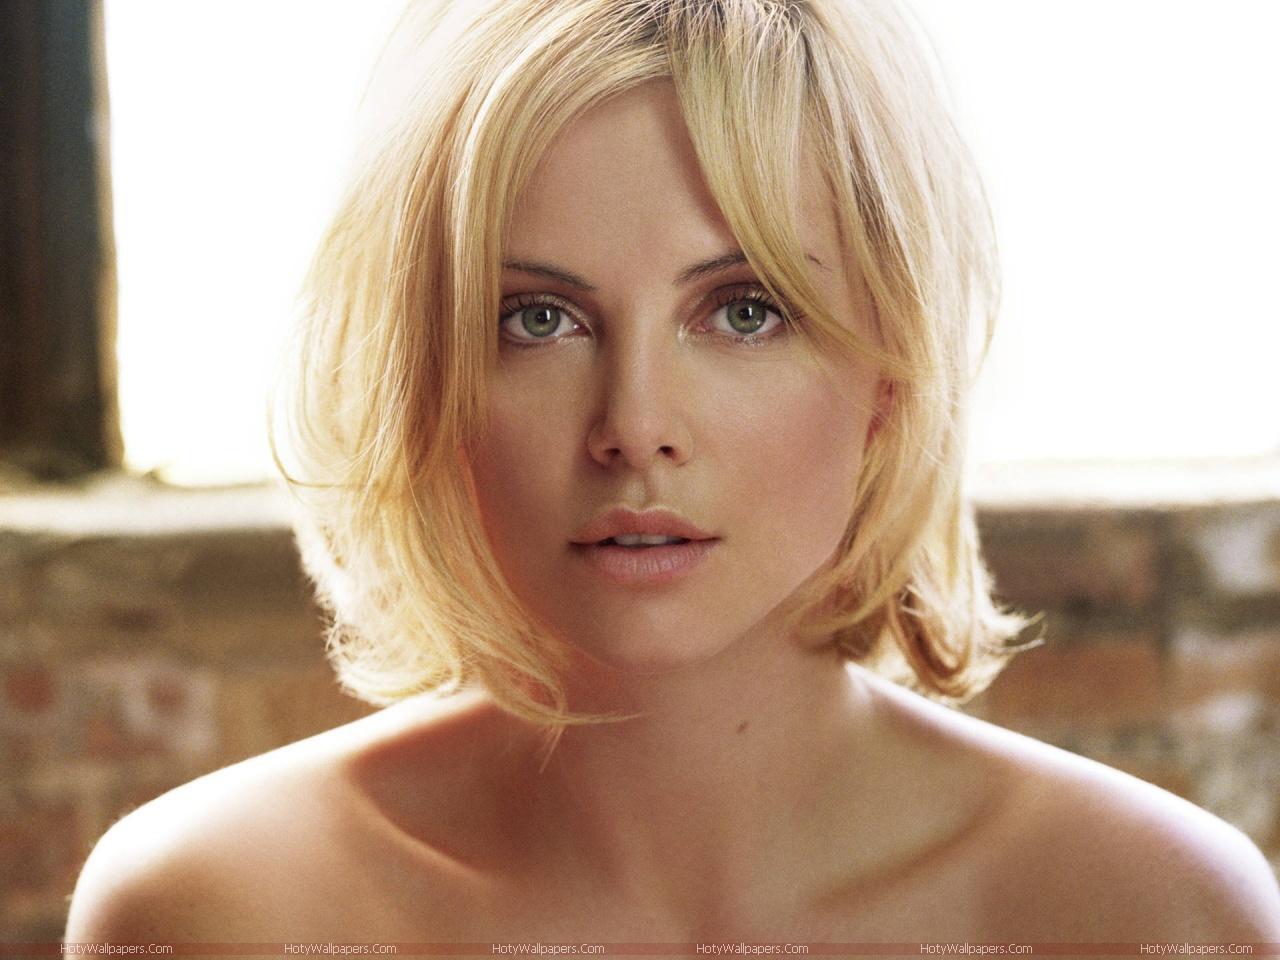 http://1.bp.blogspot.com/-3XZmVAm8CAQ/Tk0hINVlS6I/AAAAAAAAJLM/sxv-p-U0IEc/s1600/Charlize_Theron_cute_face_wallpaper.jpg